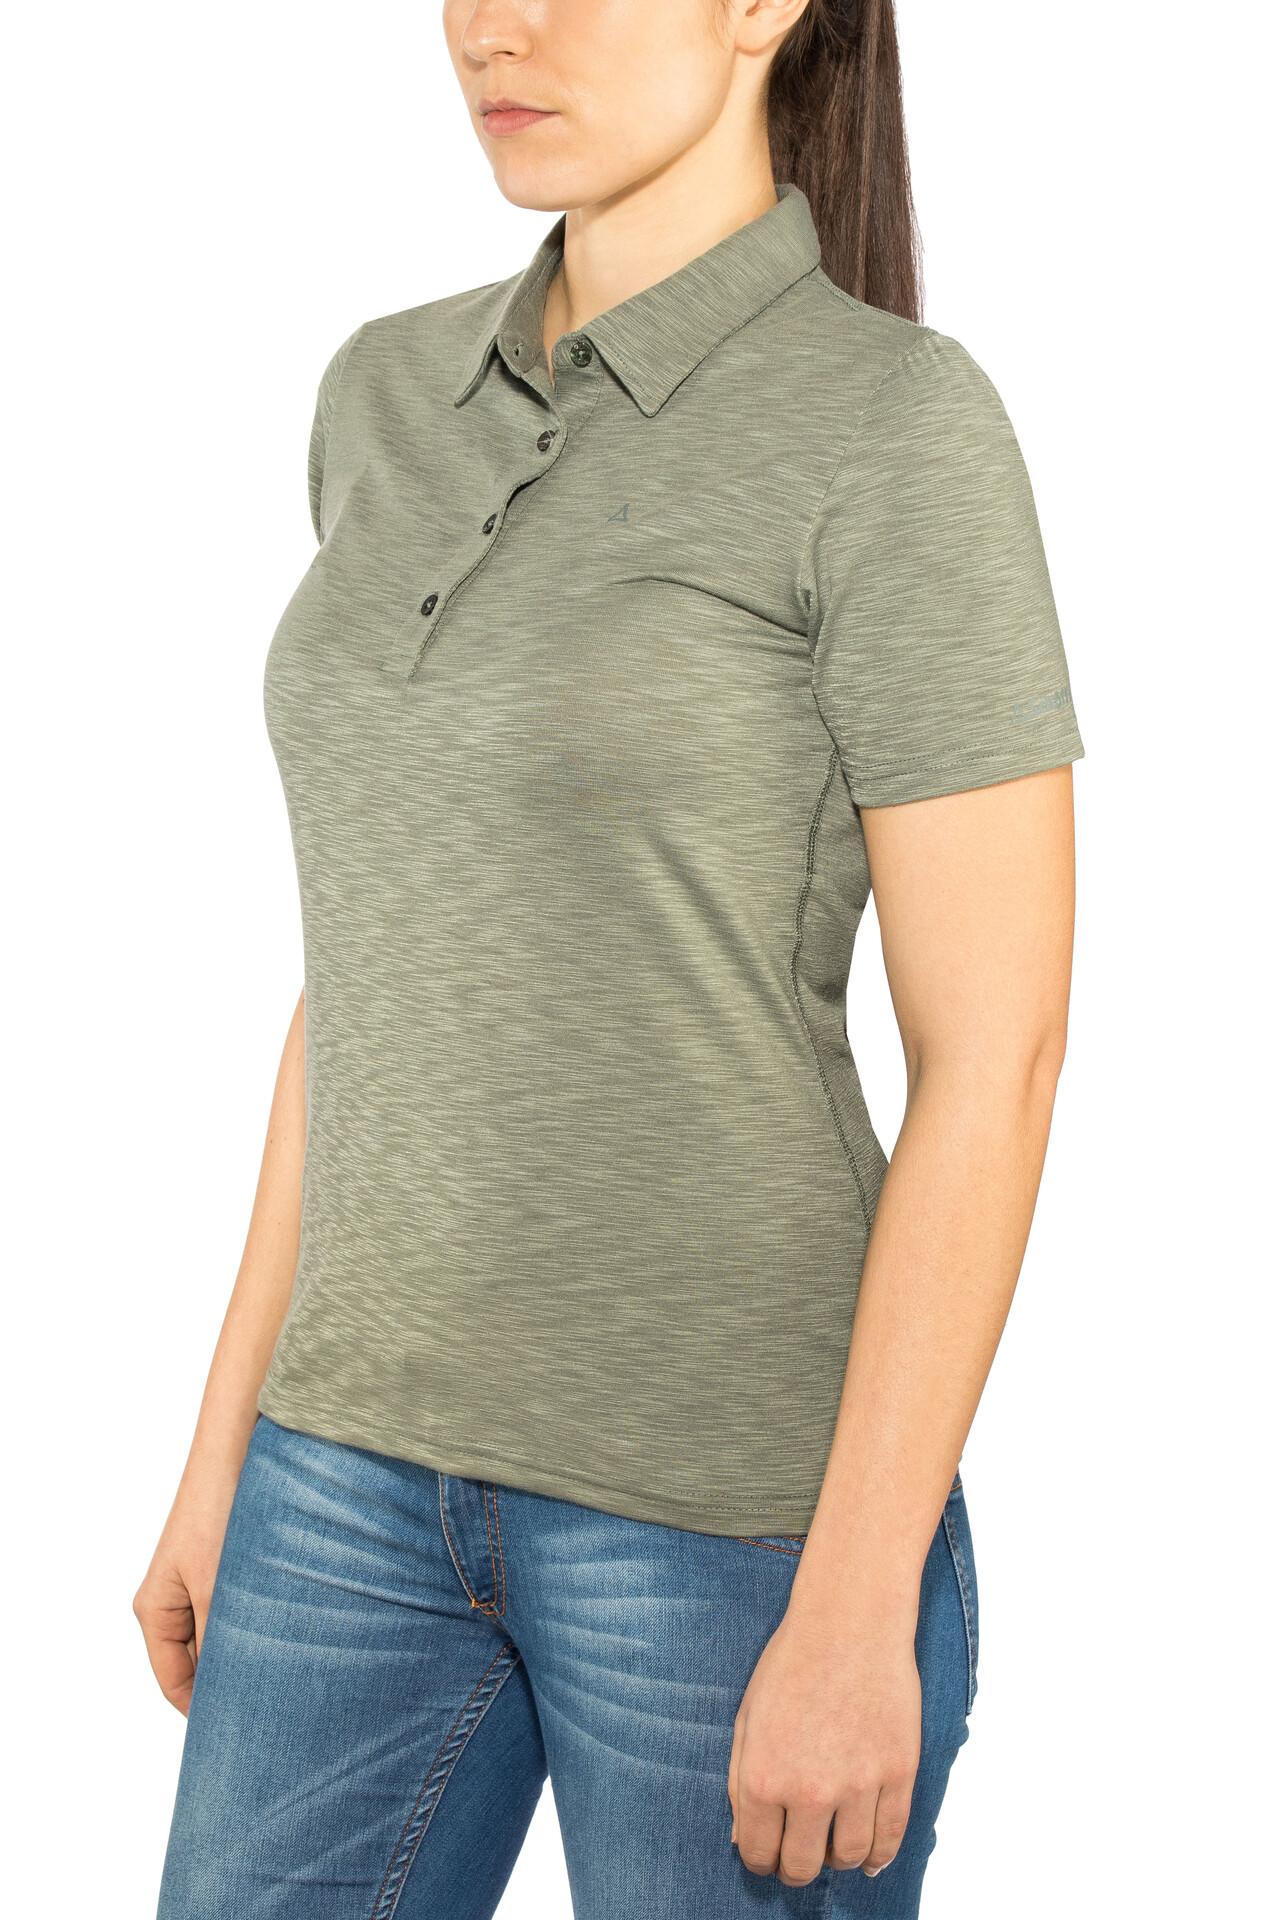 Capri1 Shirt Gris Manches Schöffel T Courtes Femme TJcl1K3F